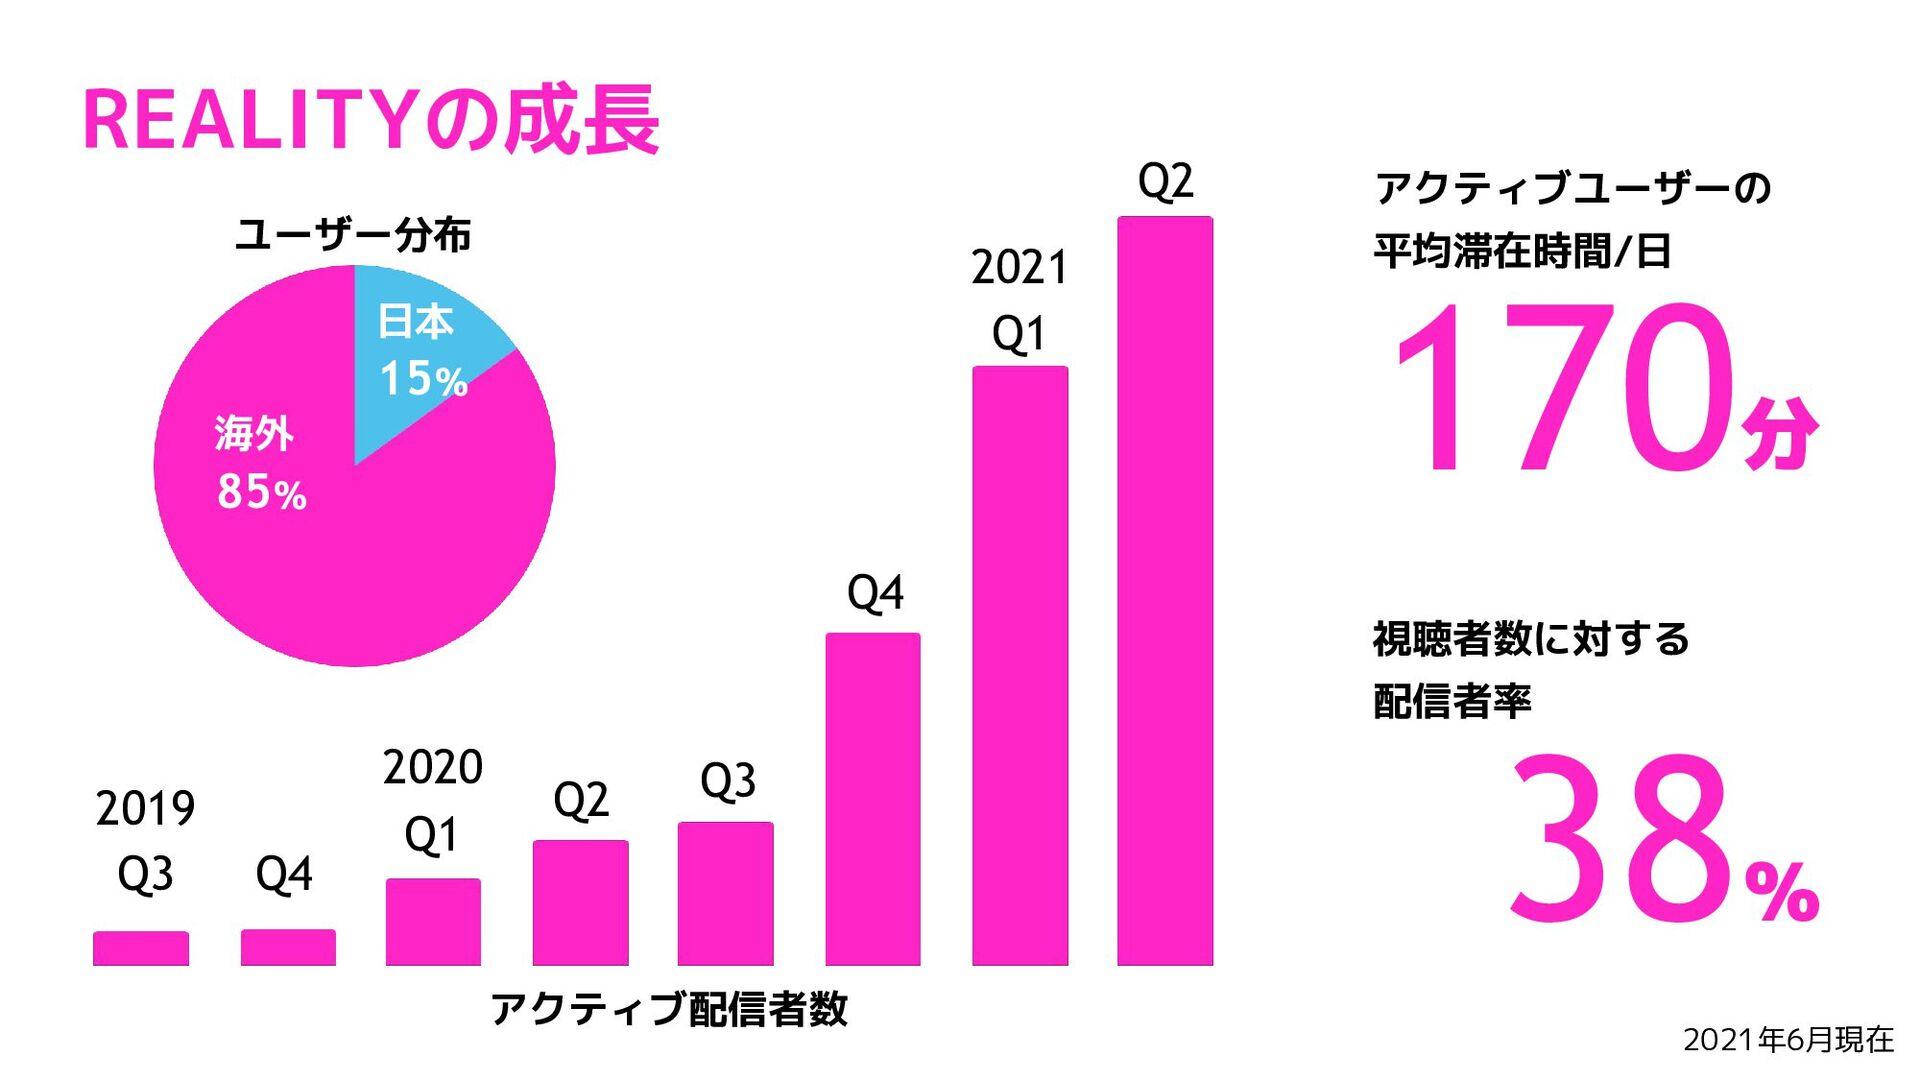 REALITYのいま アクティブ配信者数 ユーザ分布 日本 36% 海外 64% アクティブユ...